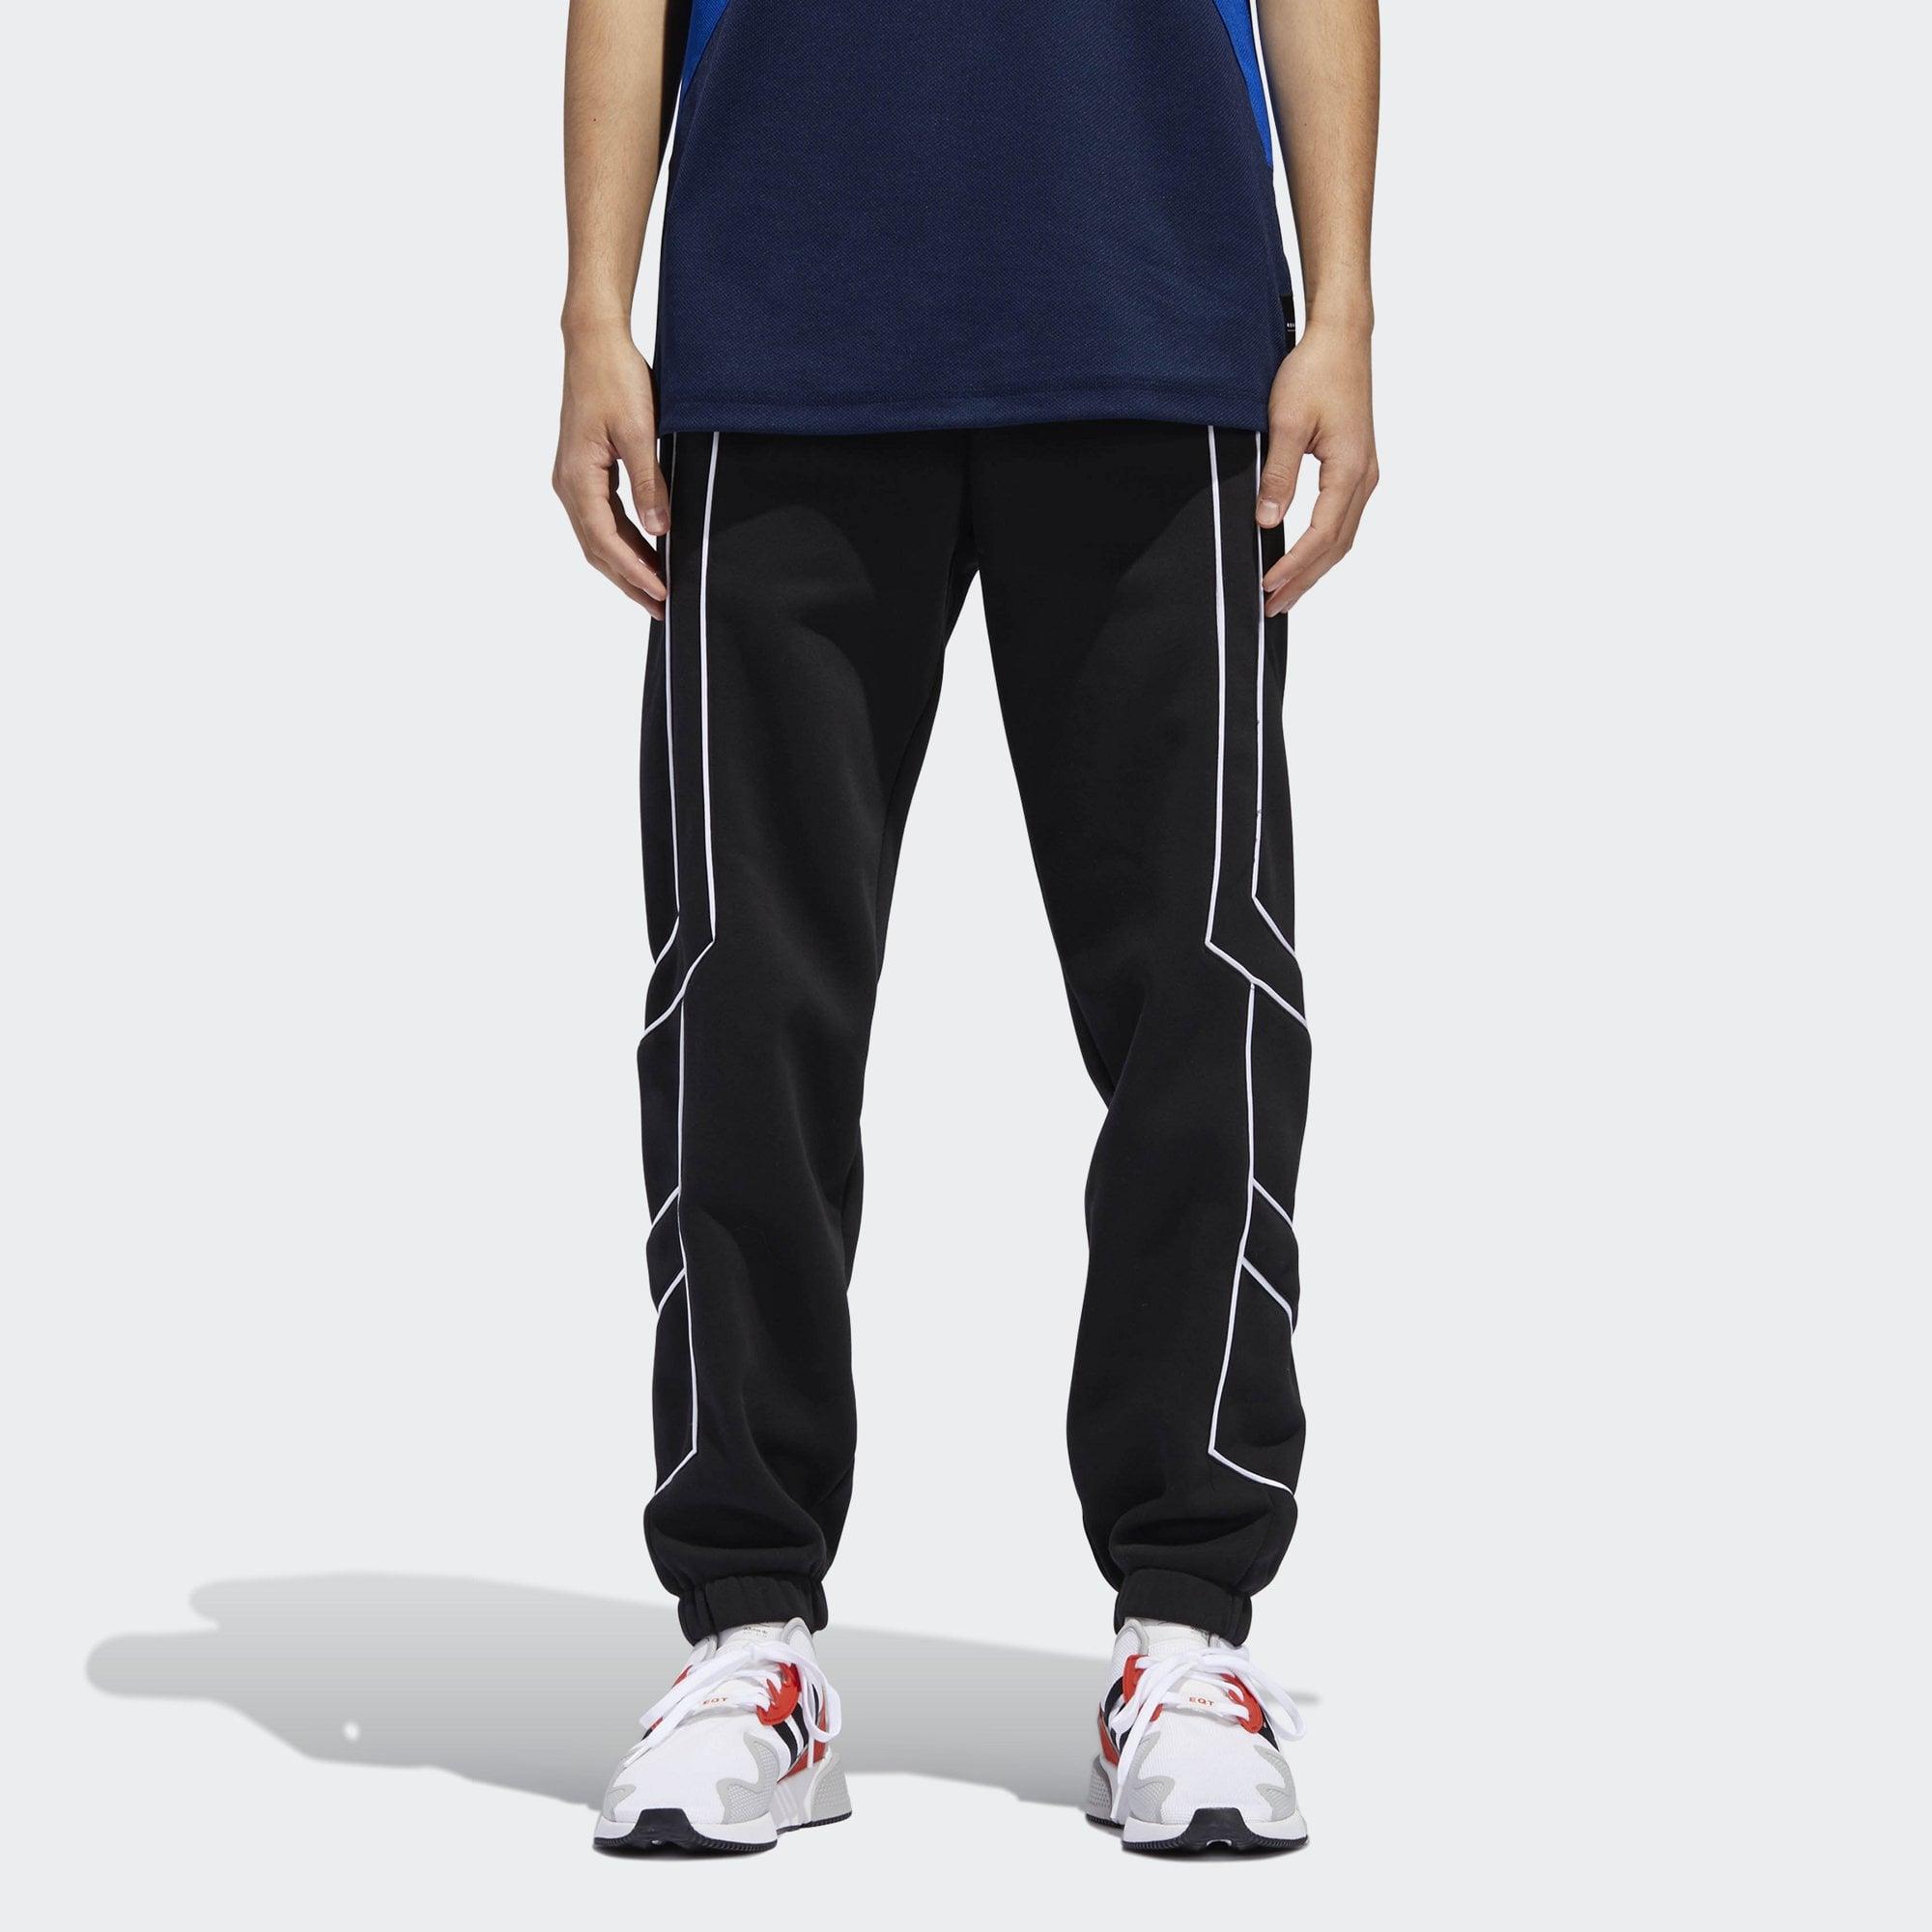 Adidas Originals EQT Outline Track